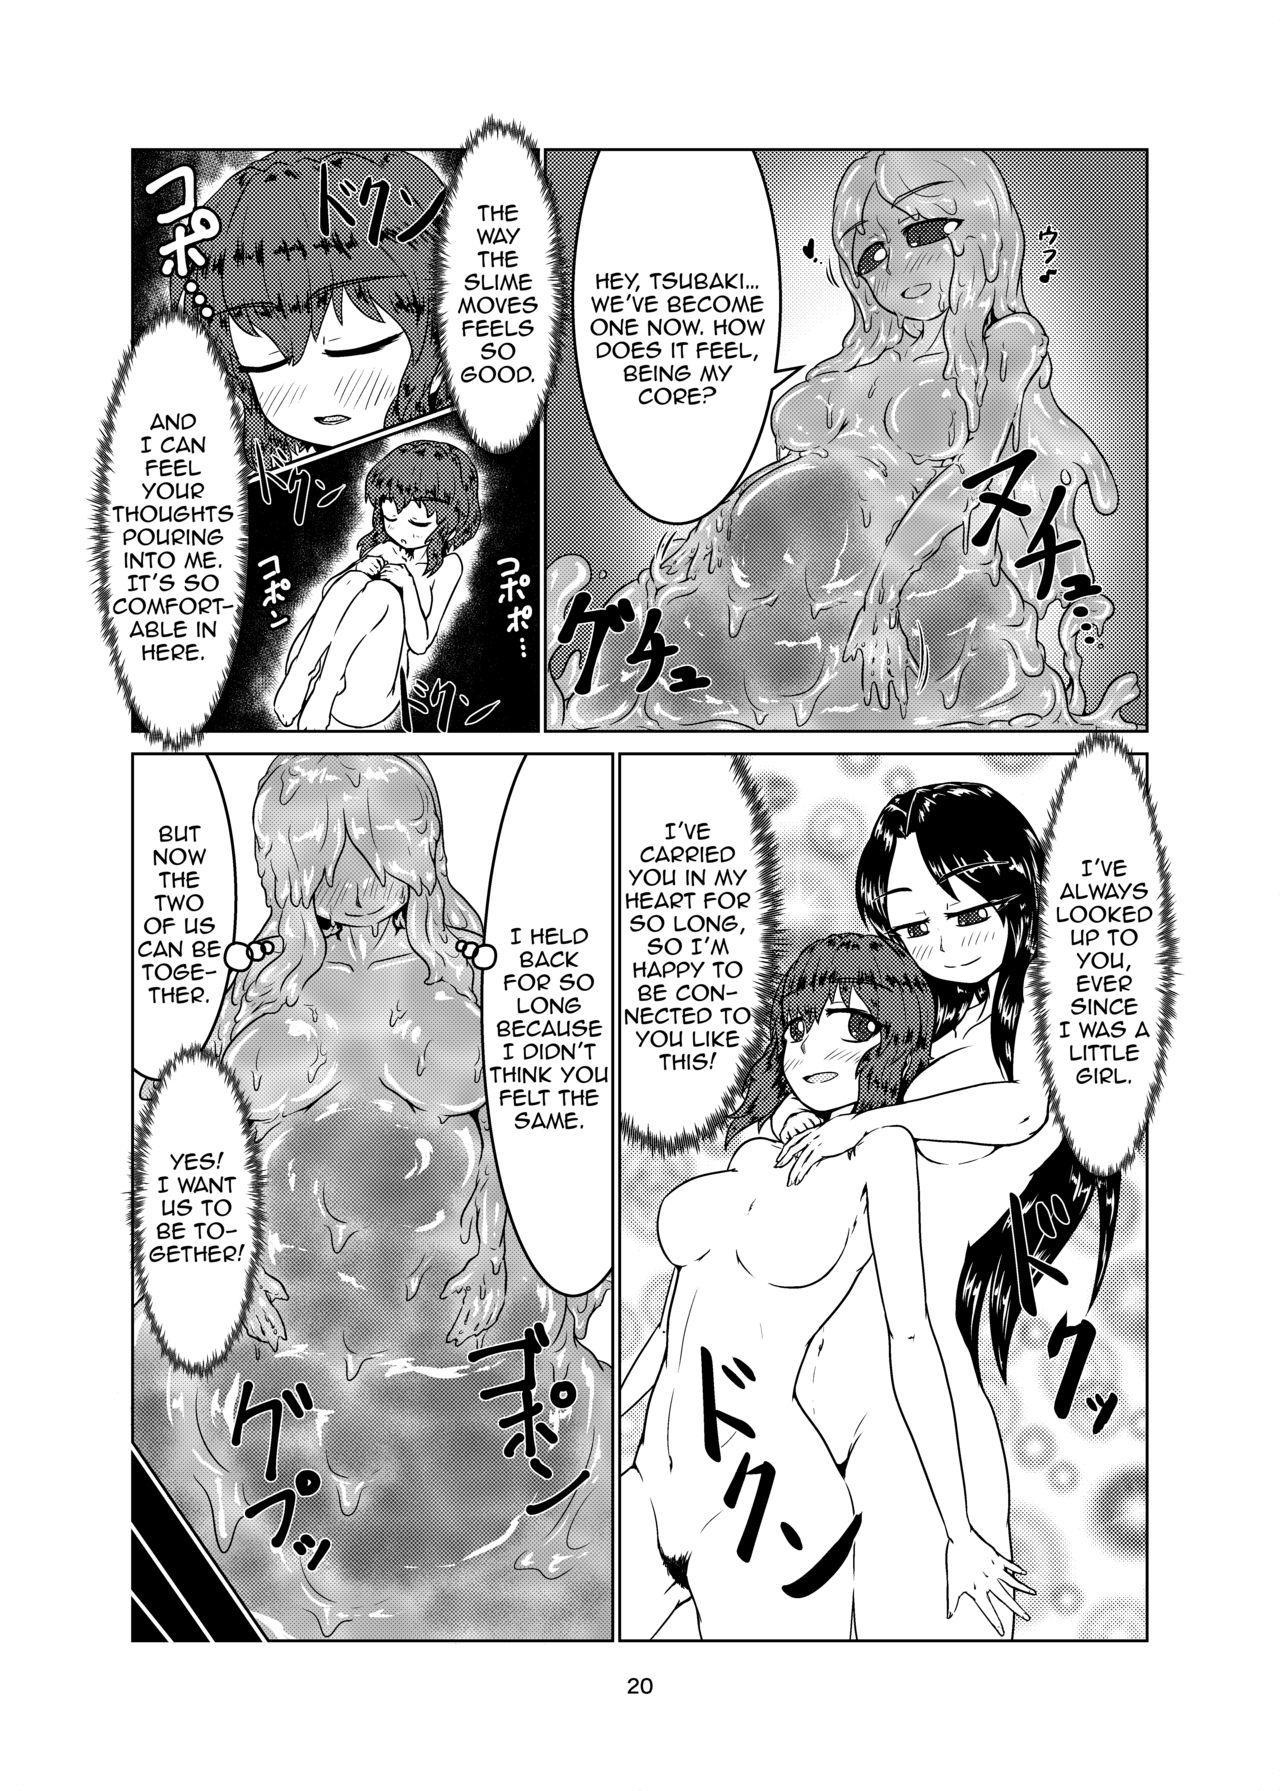 [Toufuya (Kanatofu)] Watashi no Ane wa Slime Musume - 2-kame - [English] [Zero Translations] [Digital] 19